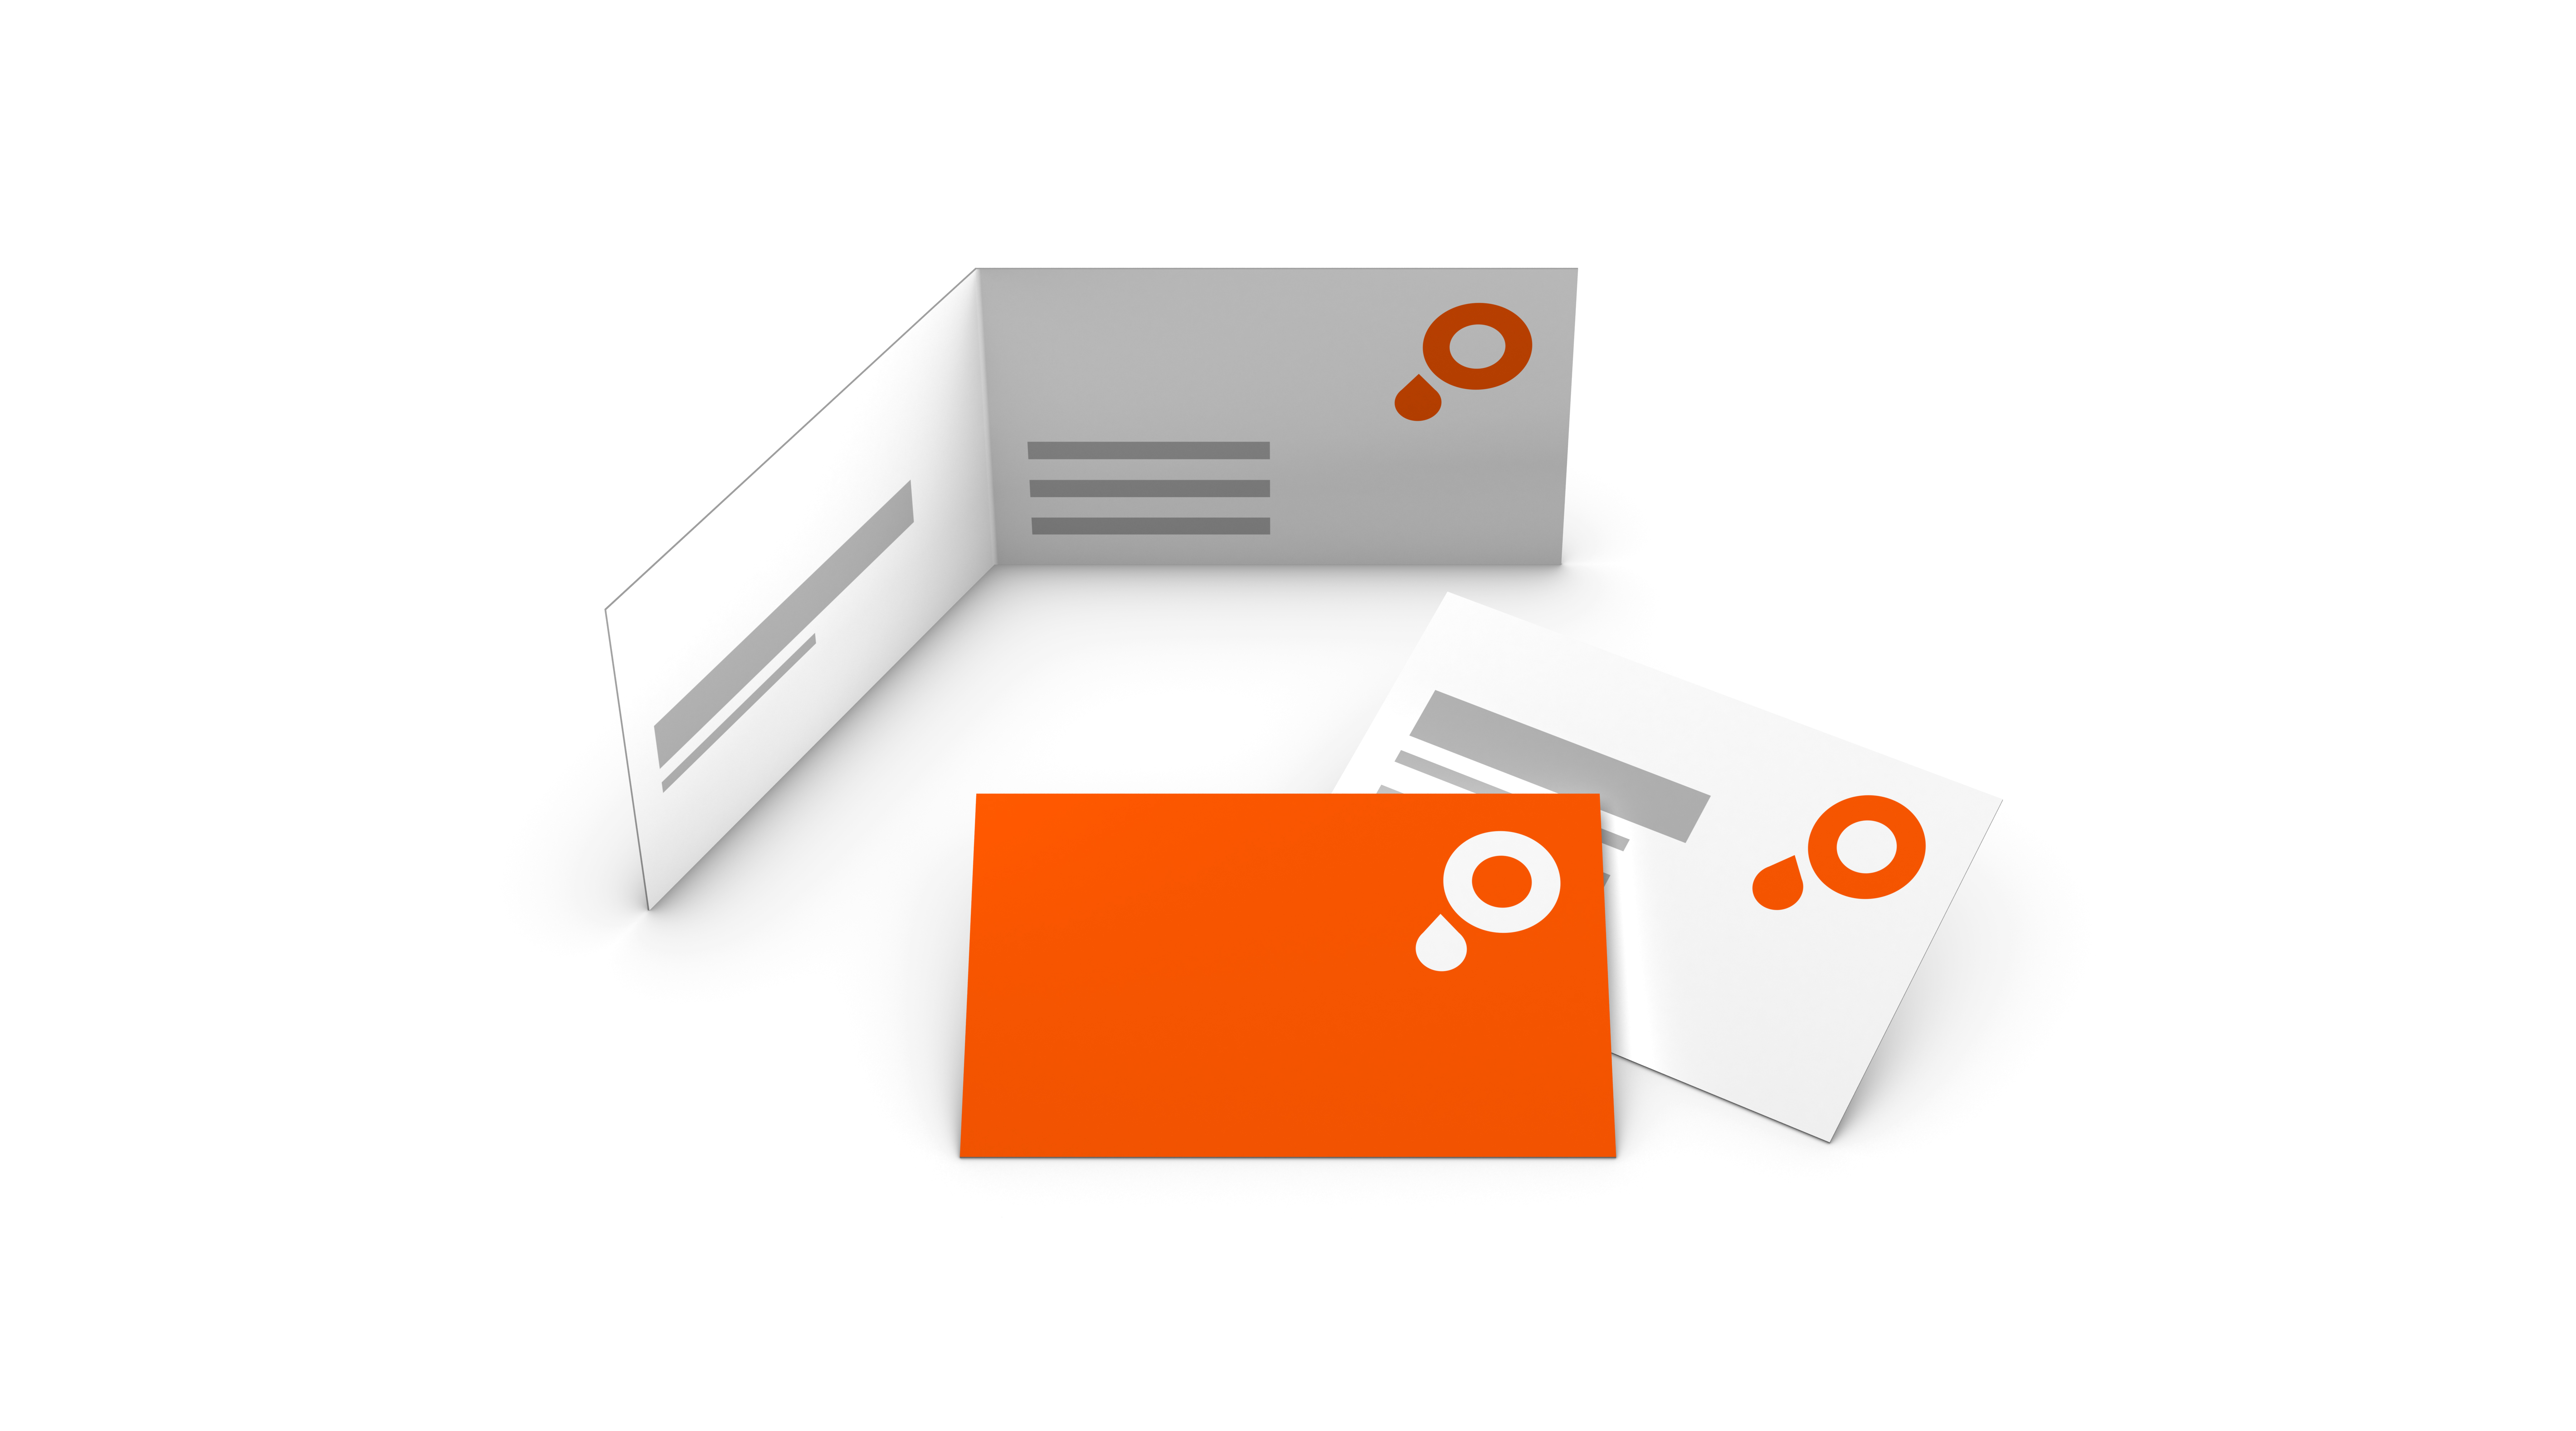 Biglietti Da Visita Materiali Nobilitazioni Informazioni I Nostri Campi Di Applicazione Sono